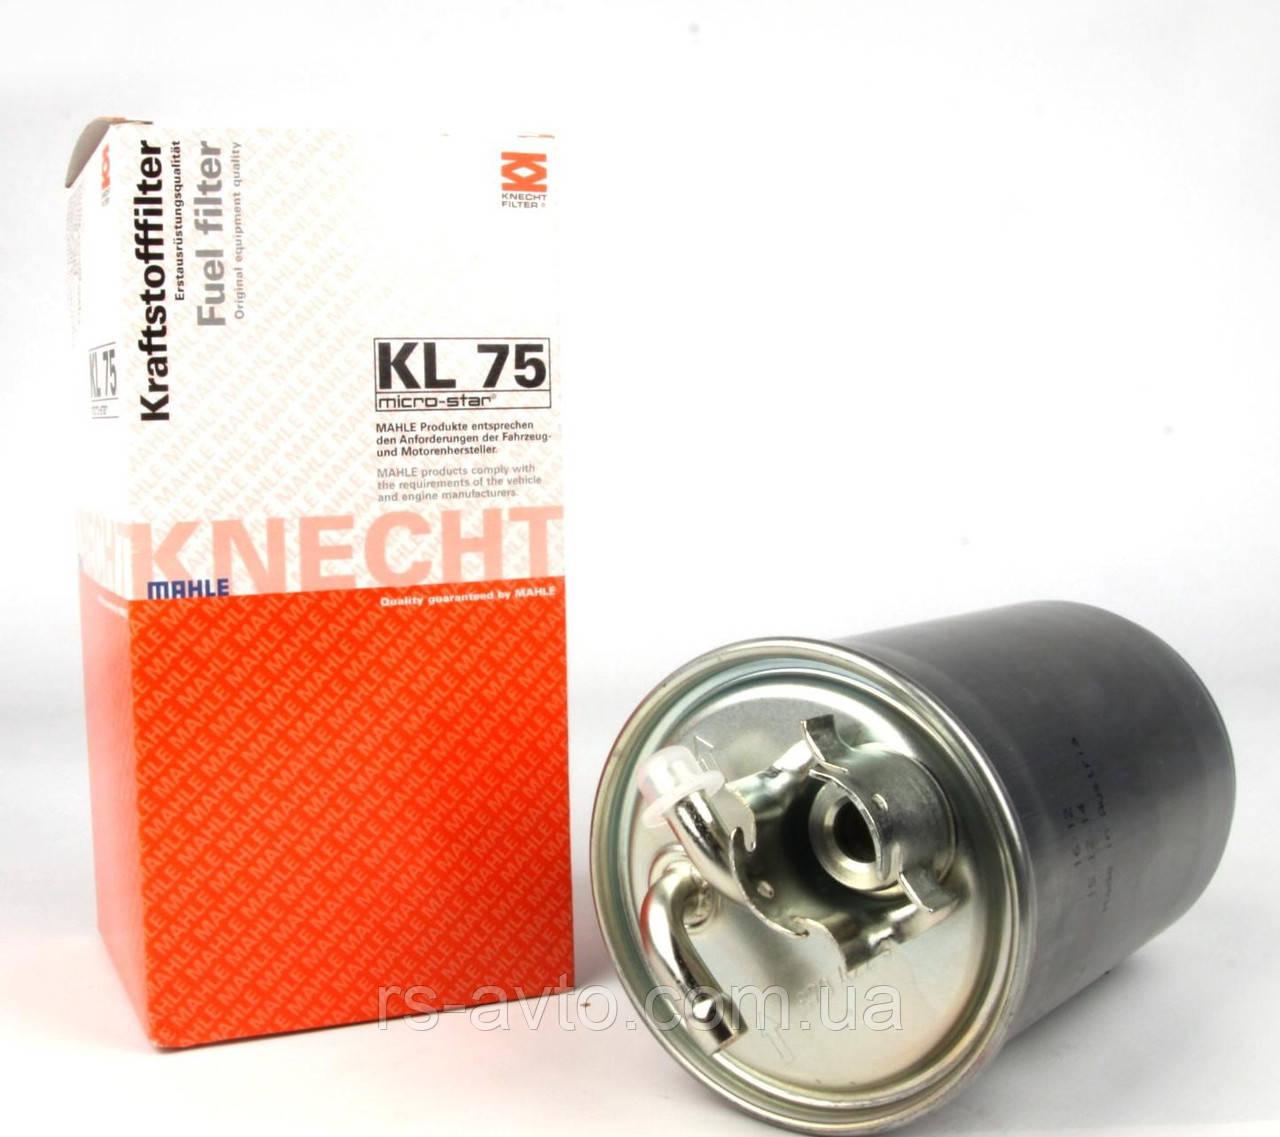 Фильтр топливный Volkswagen T4, Фольксваген T41.9-2.5TDI KL 75